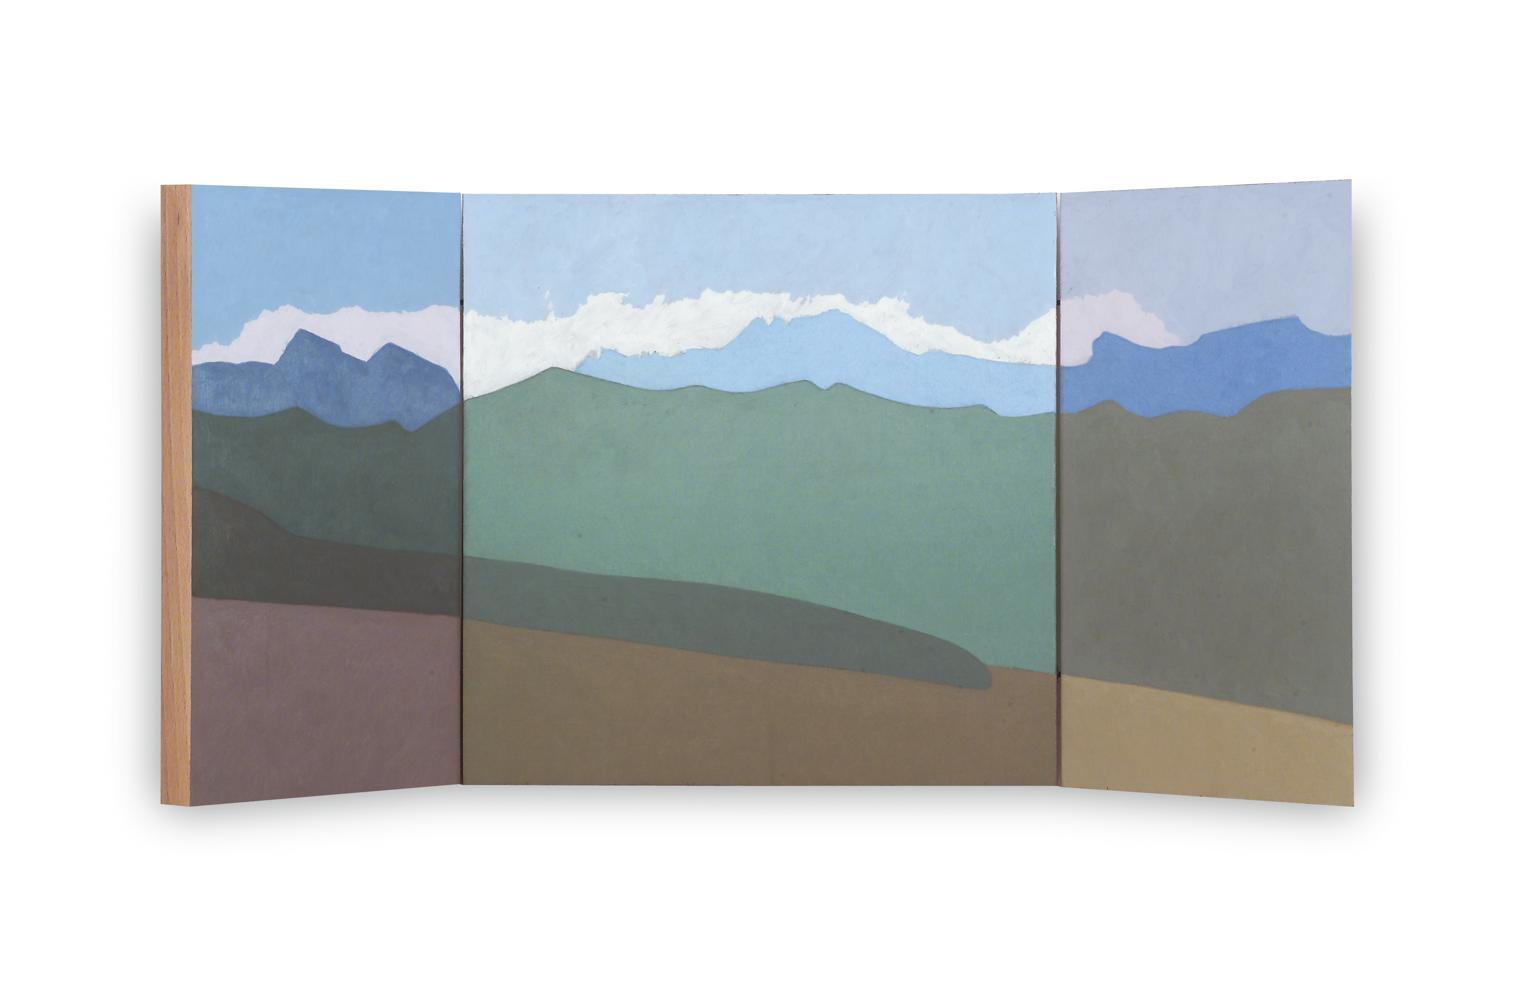 Pirineos (Tríptico), 40 x 80 cm, óleo sobre madera, 2004.